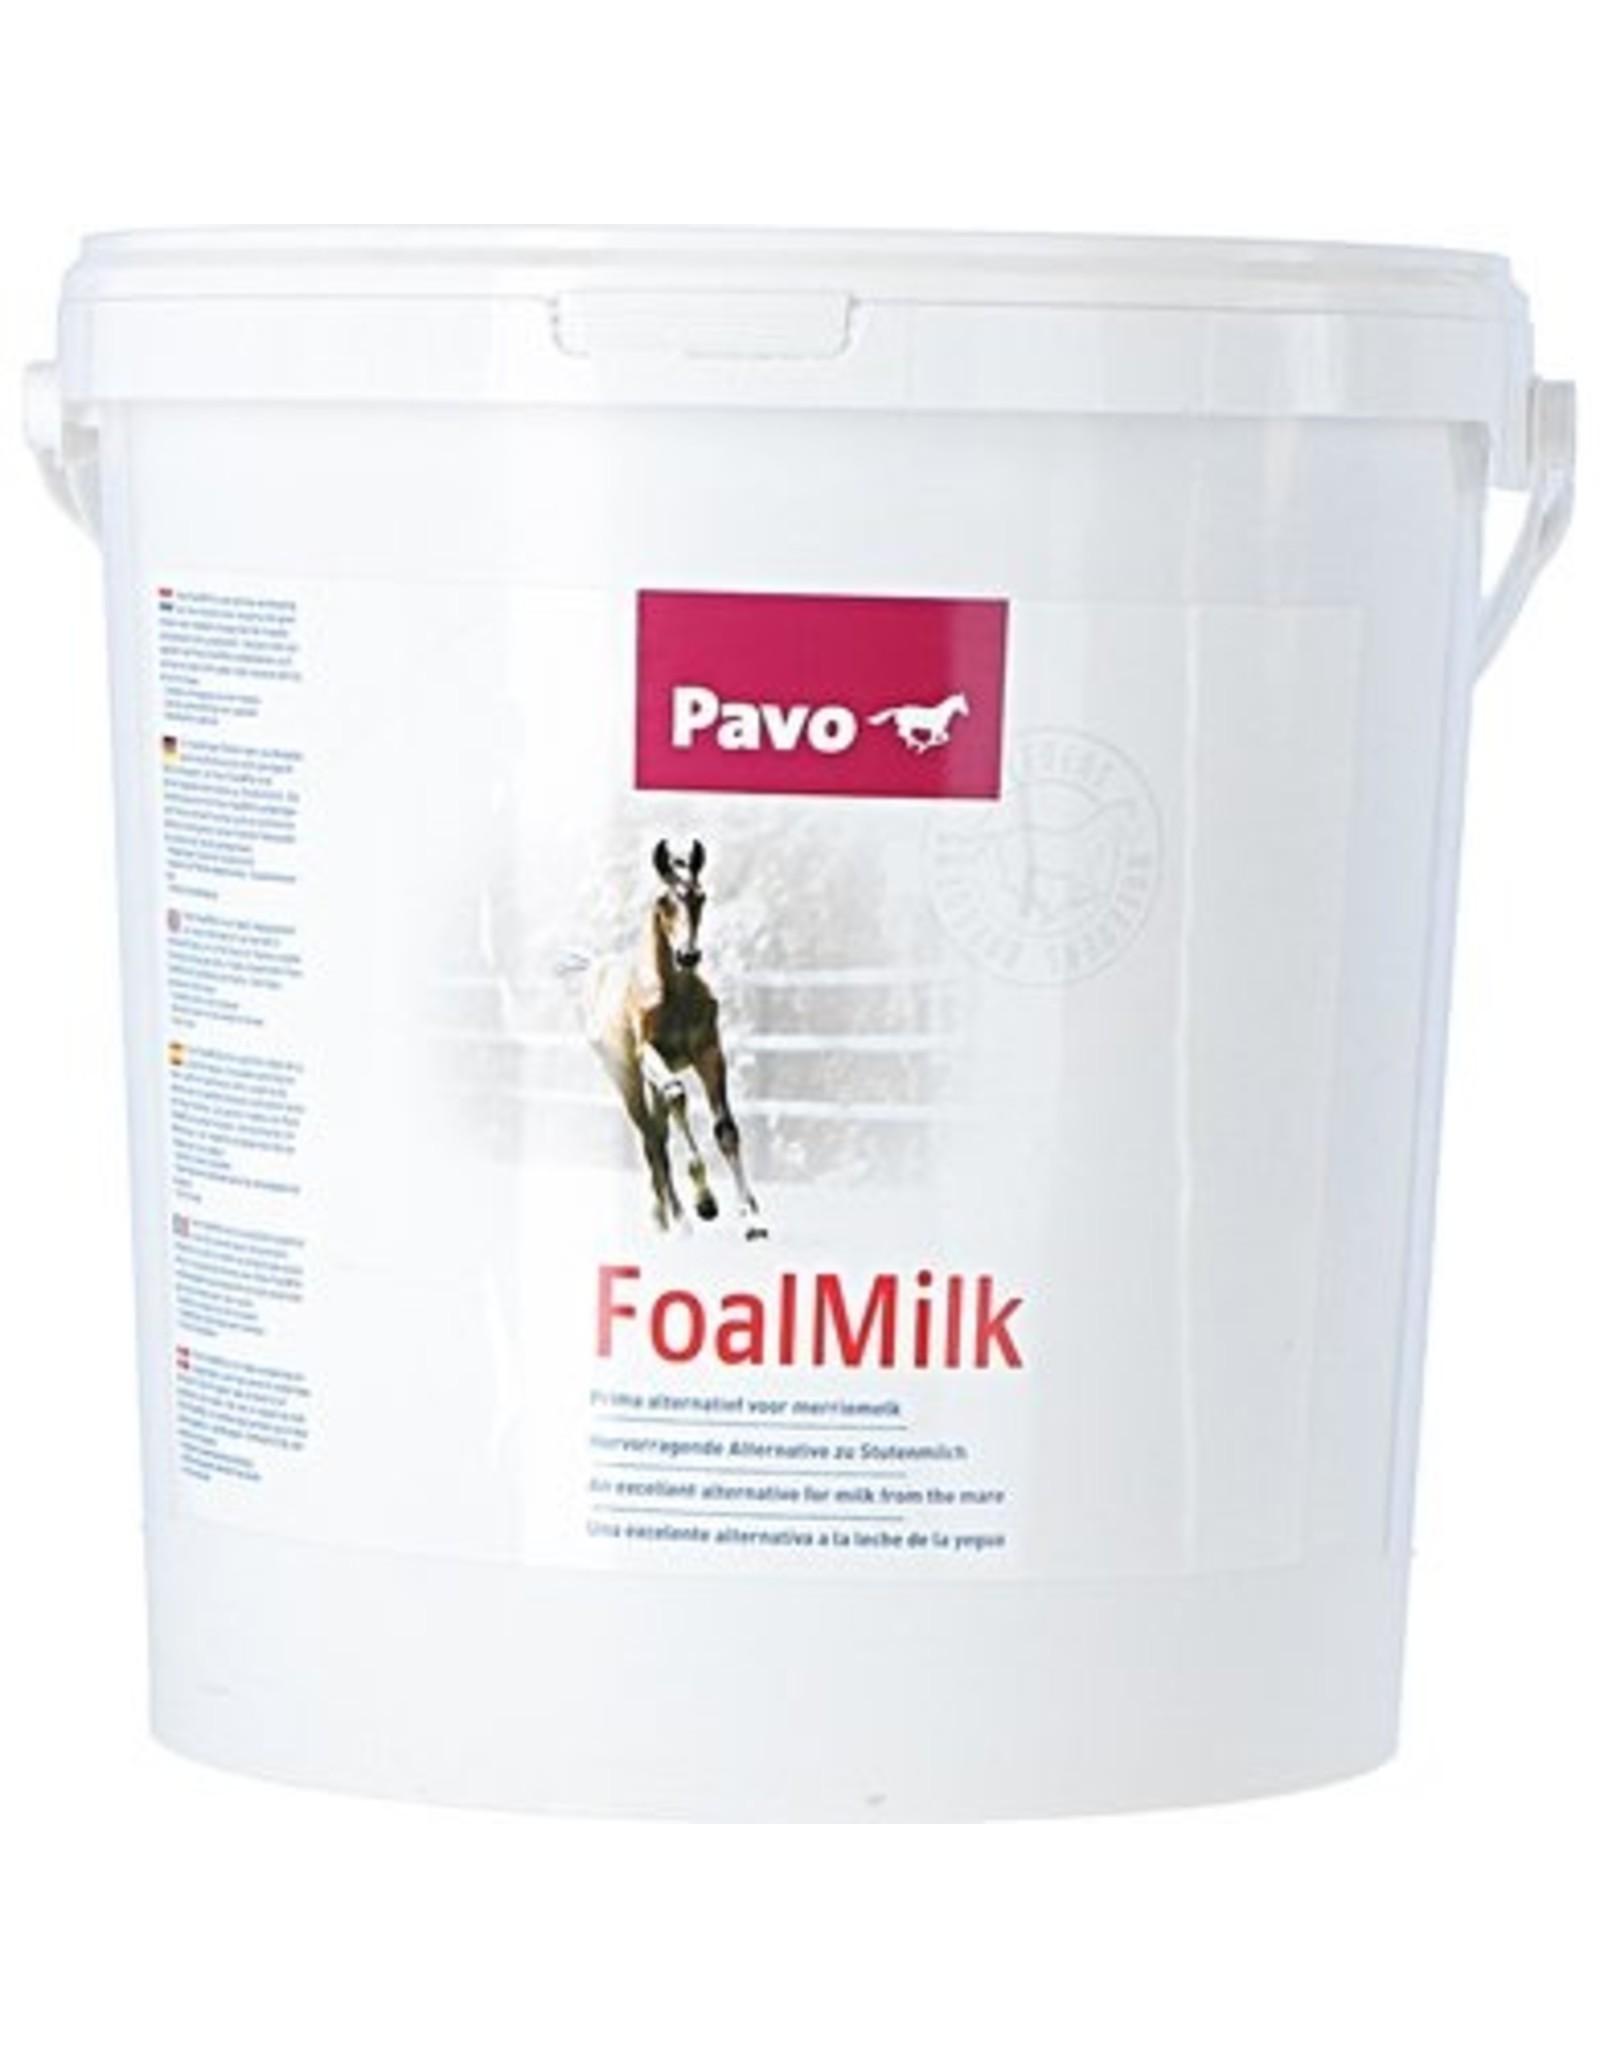 Pavo Pavo Foalmilk